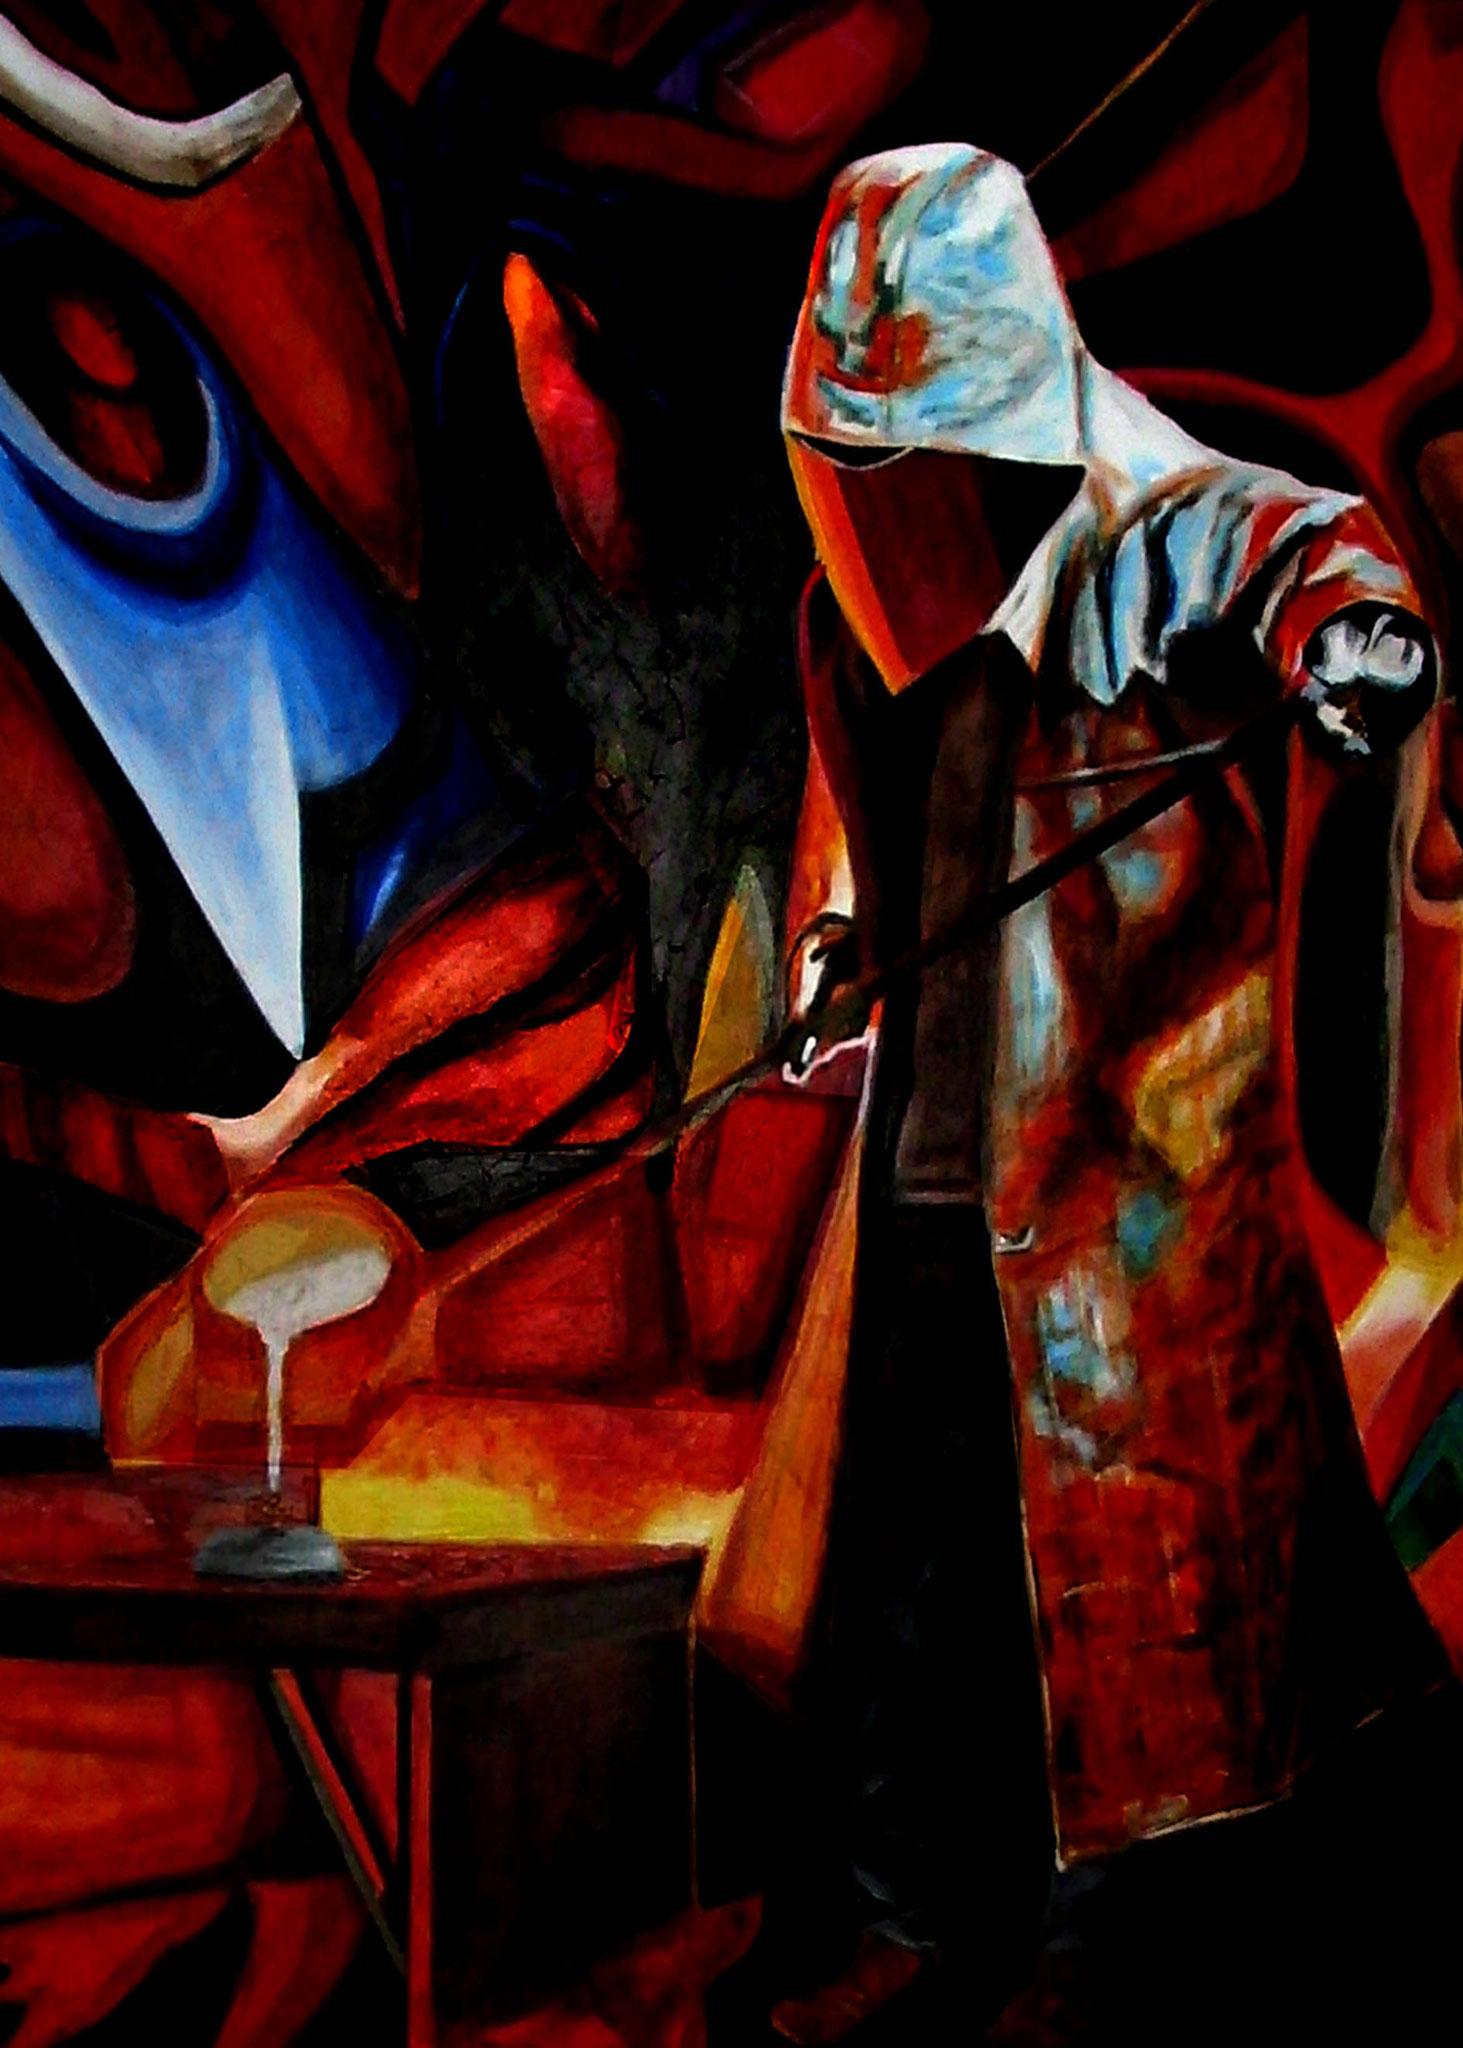 EISENGIESSER, Öl auf Leinwand, 120 x 100 cm